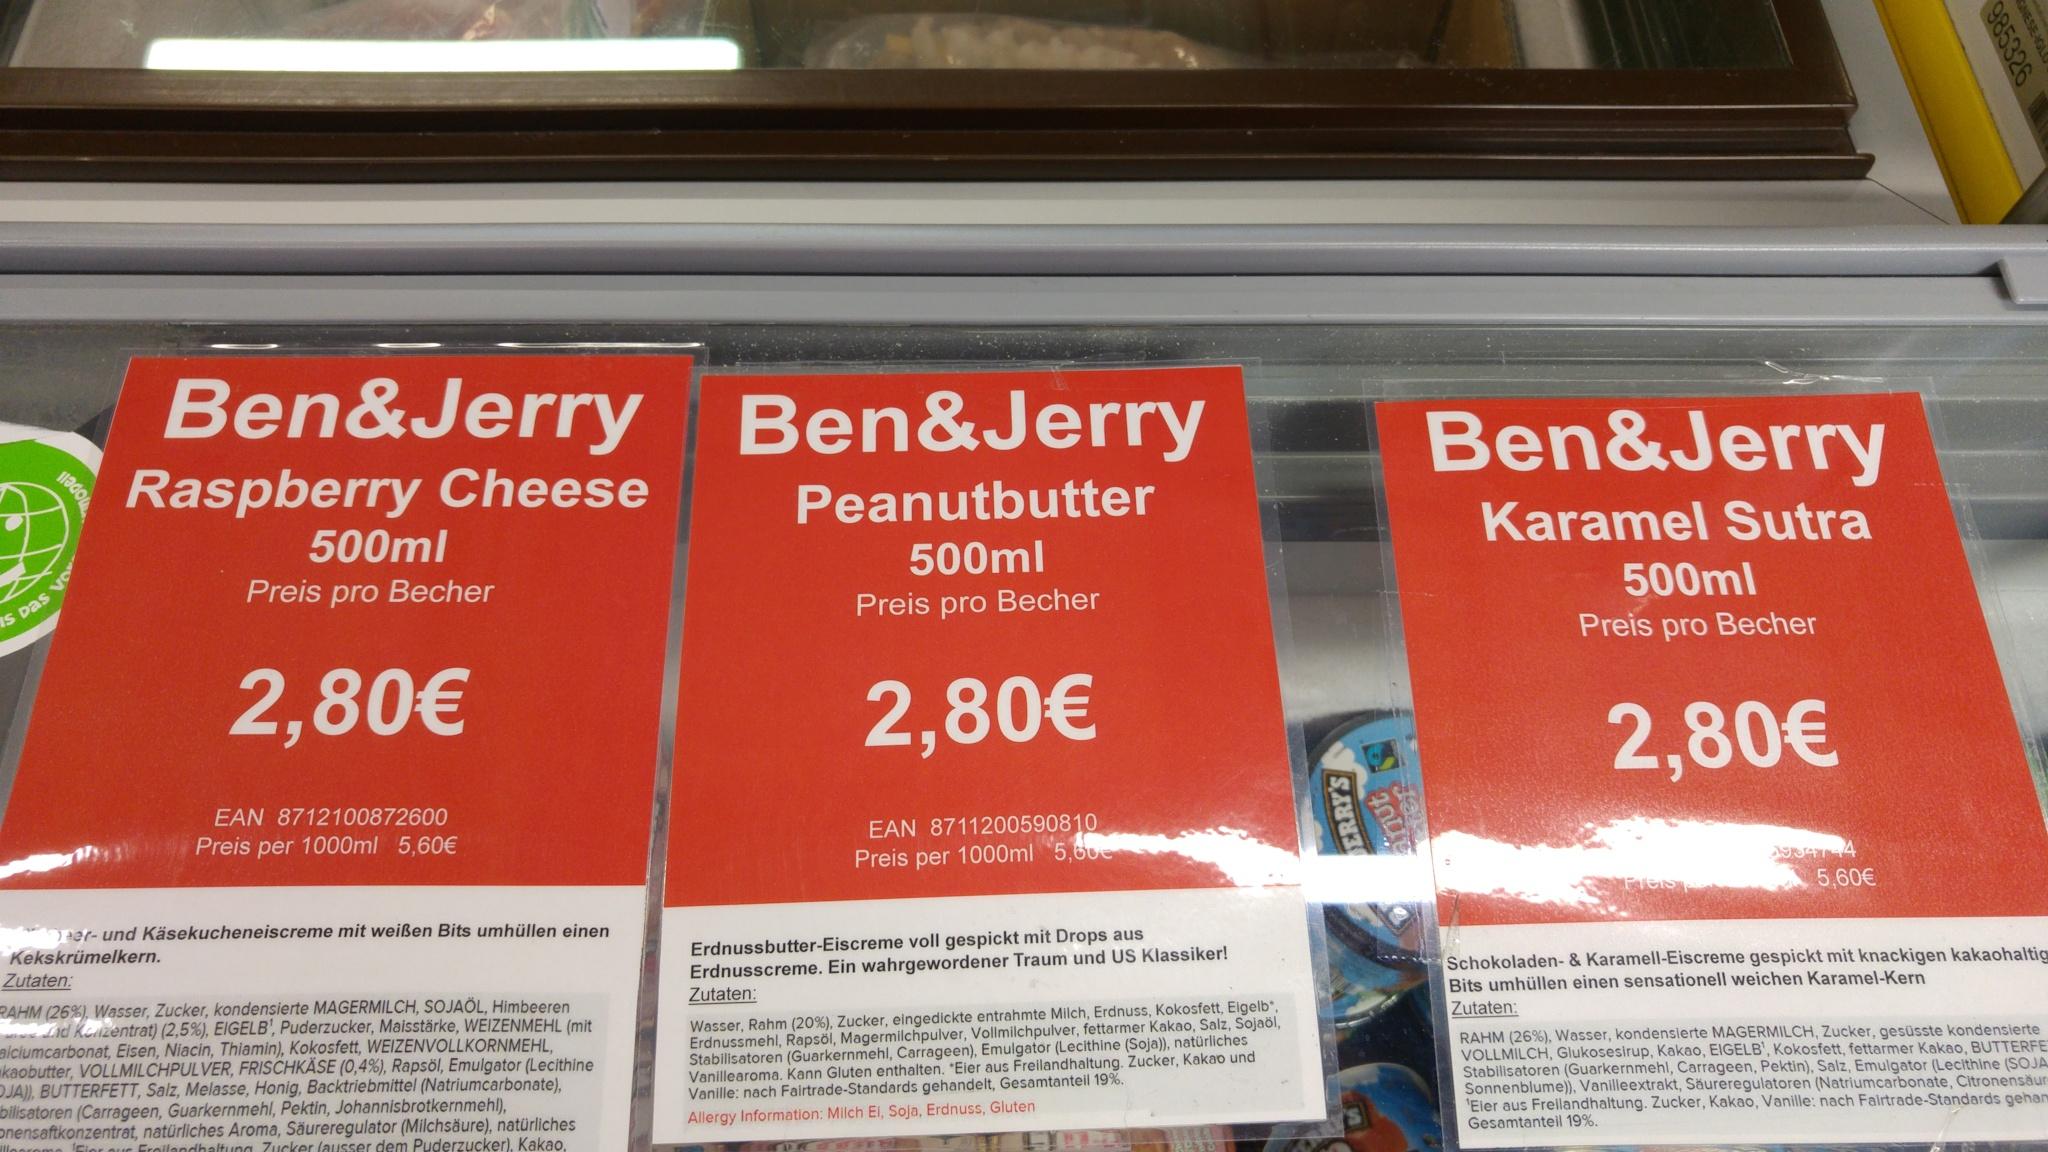 [lokal Heppenheim] Langnese Fabrikverkauf Ben&Jerry 2,80 €